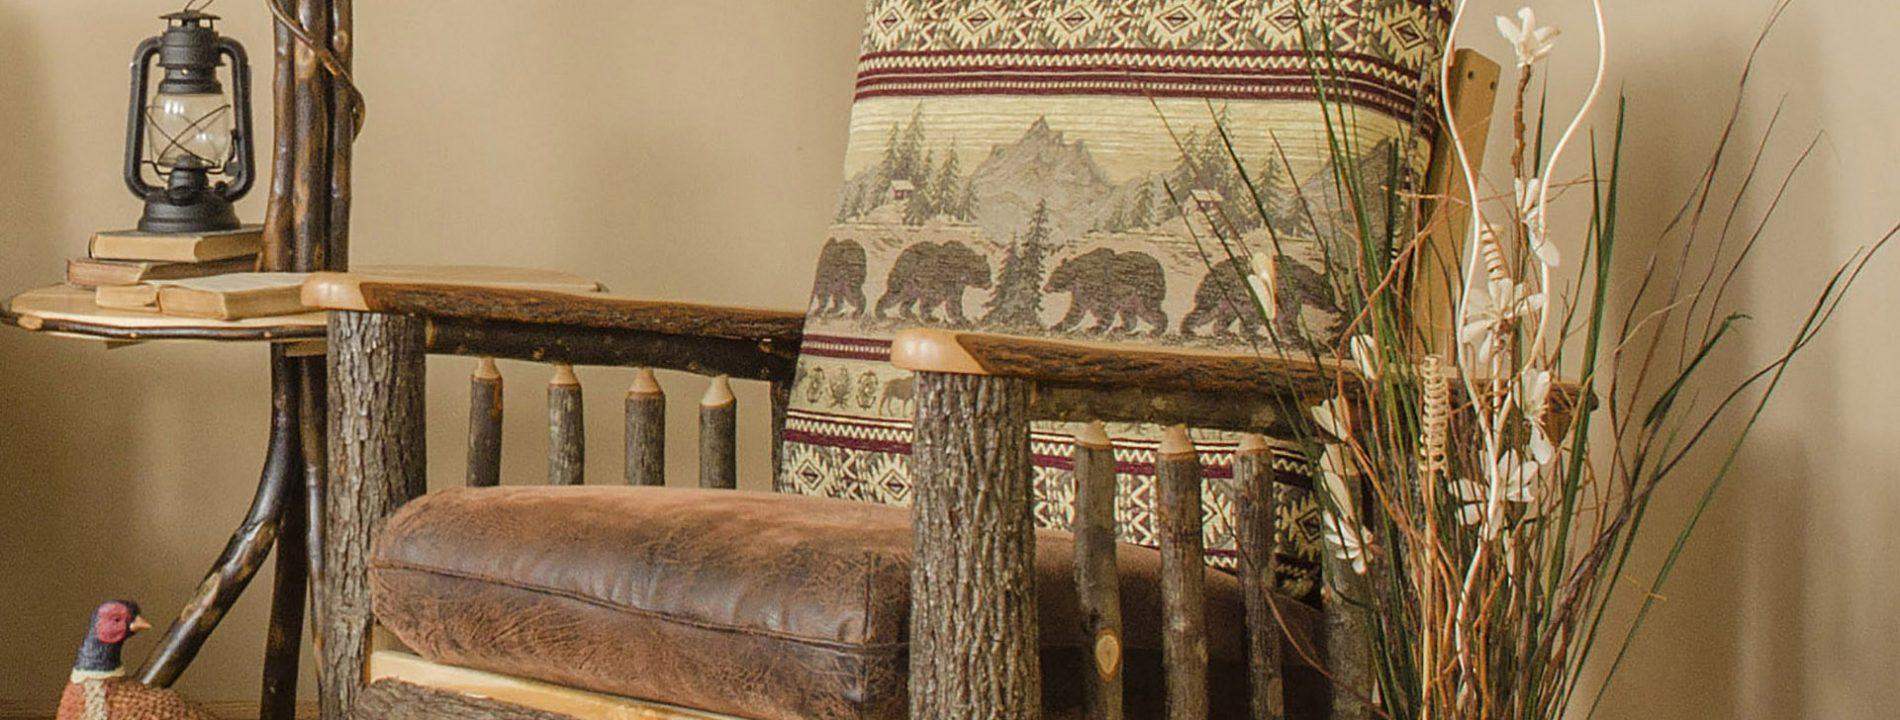 log cabin living room furniture